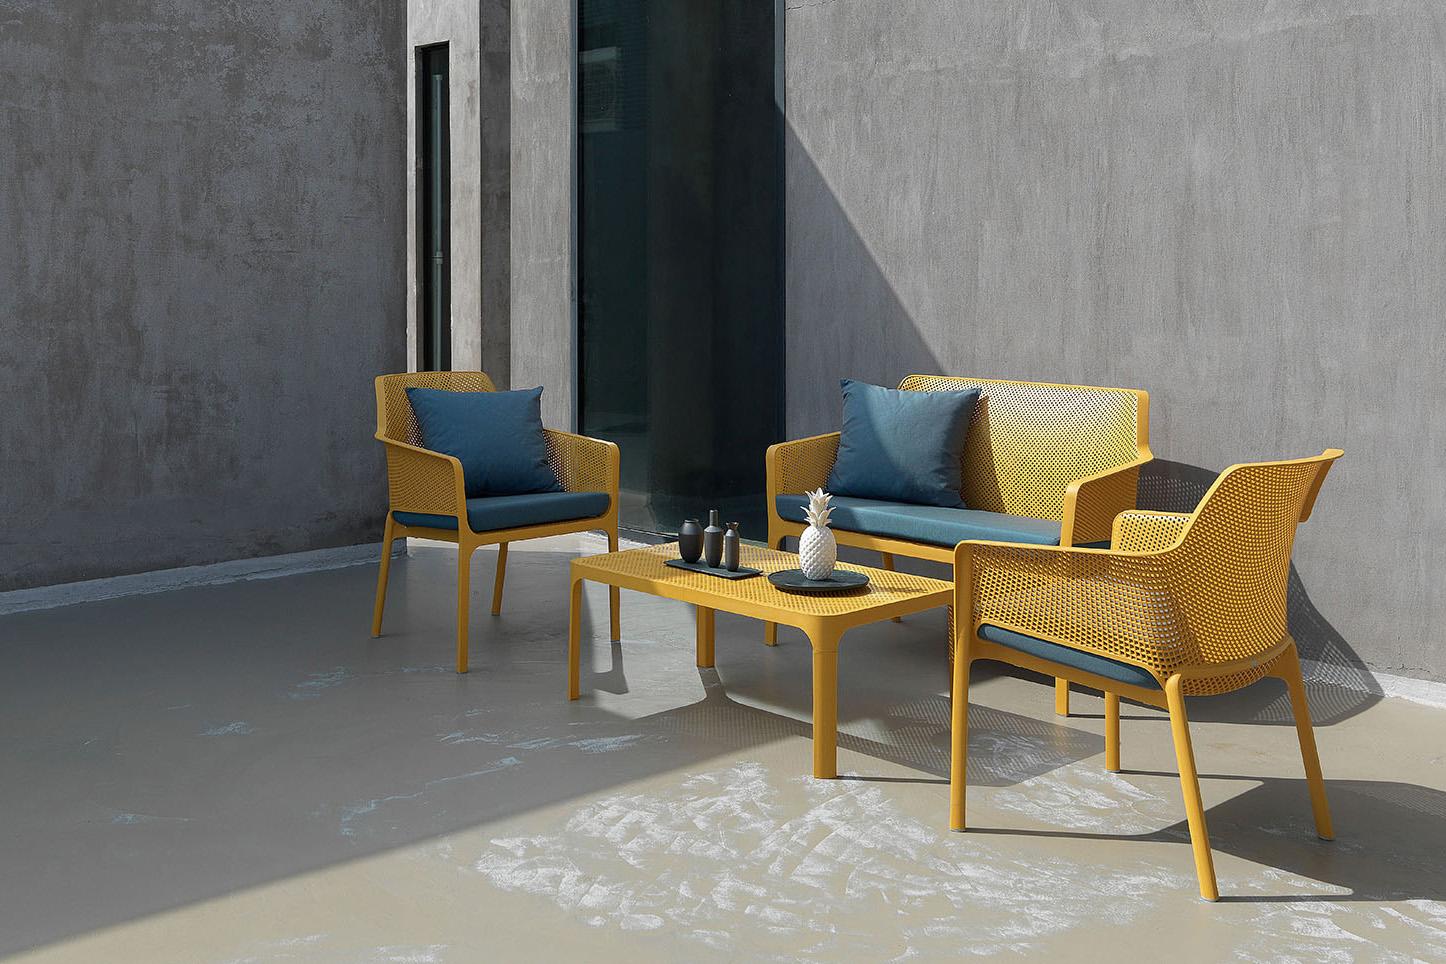 """Il sistema di arredo <em>Net</em> di <a href=""""http://www.nardioutdoor.com"""">Nardi</a> si distingue per la decorazione a fori quadrati distribuita uniformemente su tutta la superficie sia delle sedute che del tavolino. Disponibile in bianco, antracite, senape, corallo, salice e tortora, la serie può essere personalizzata con cuscini in tinta oppure a contrasto"""